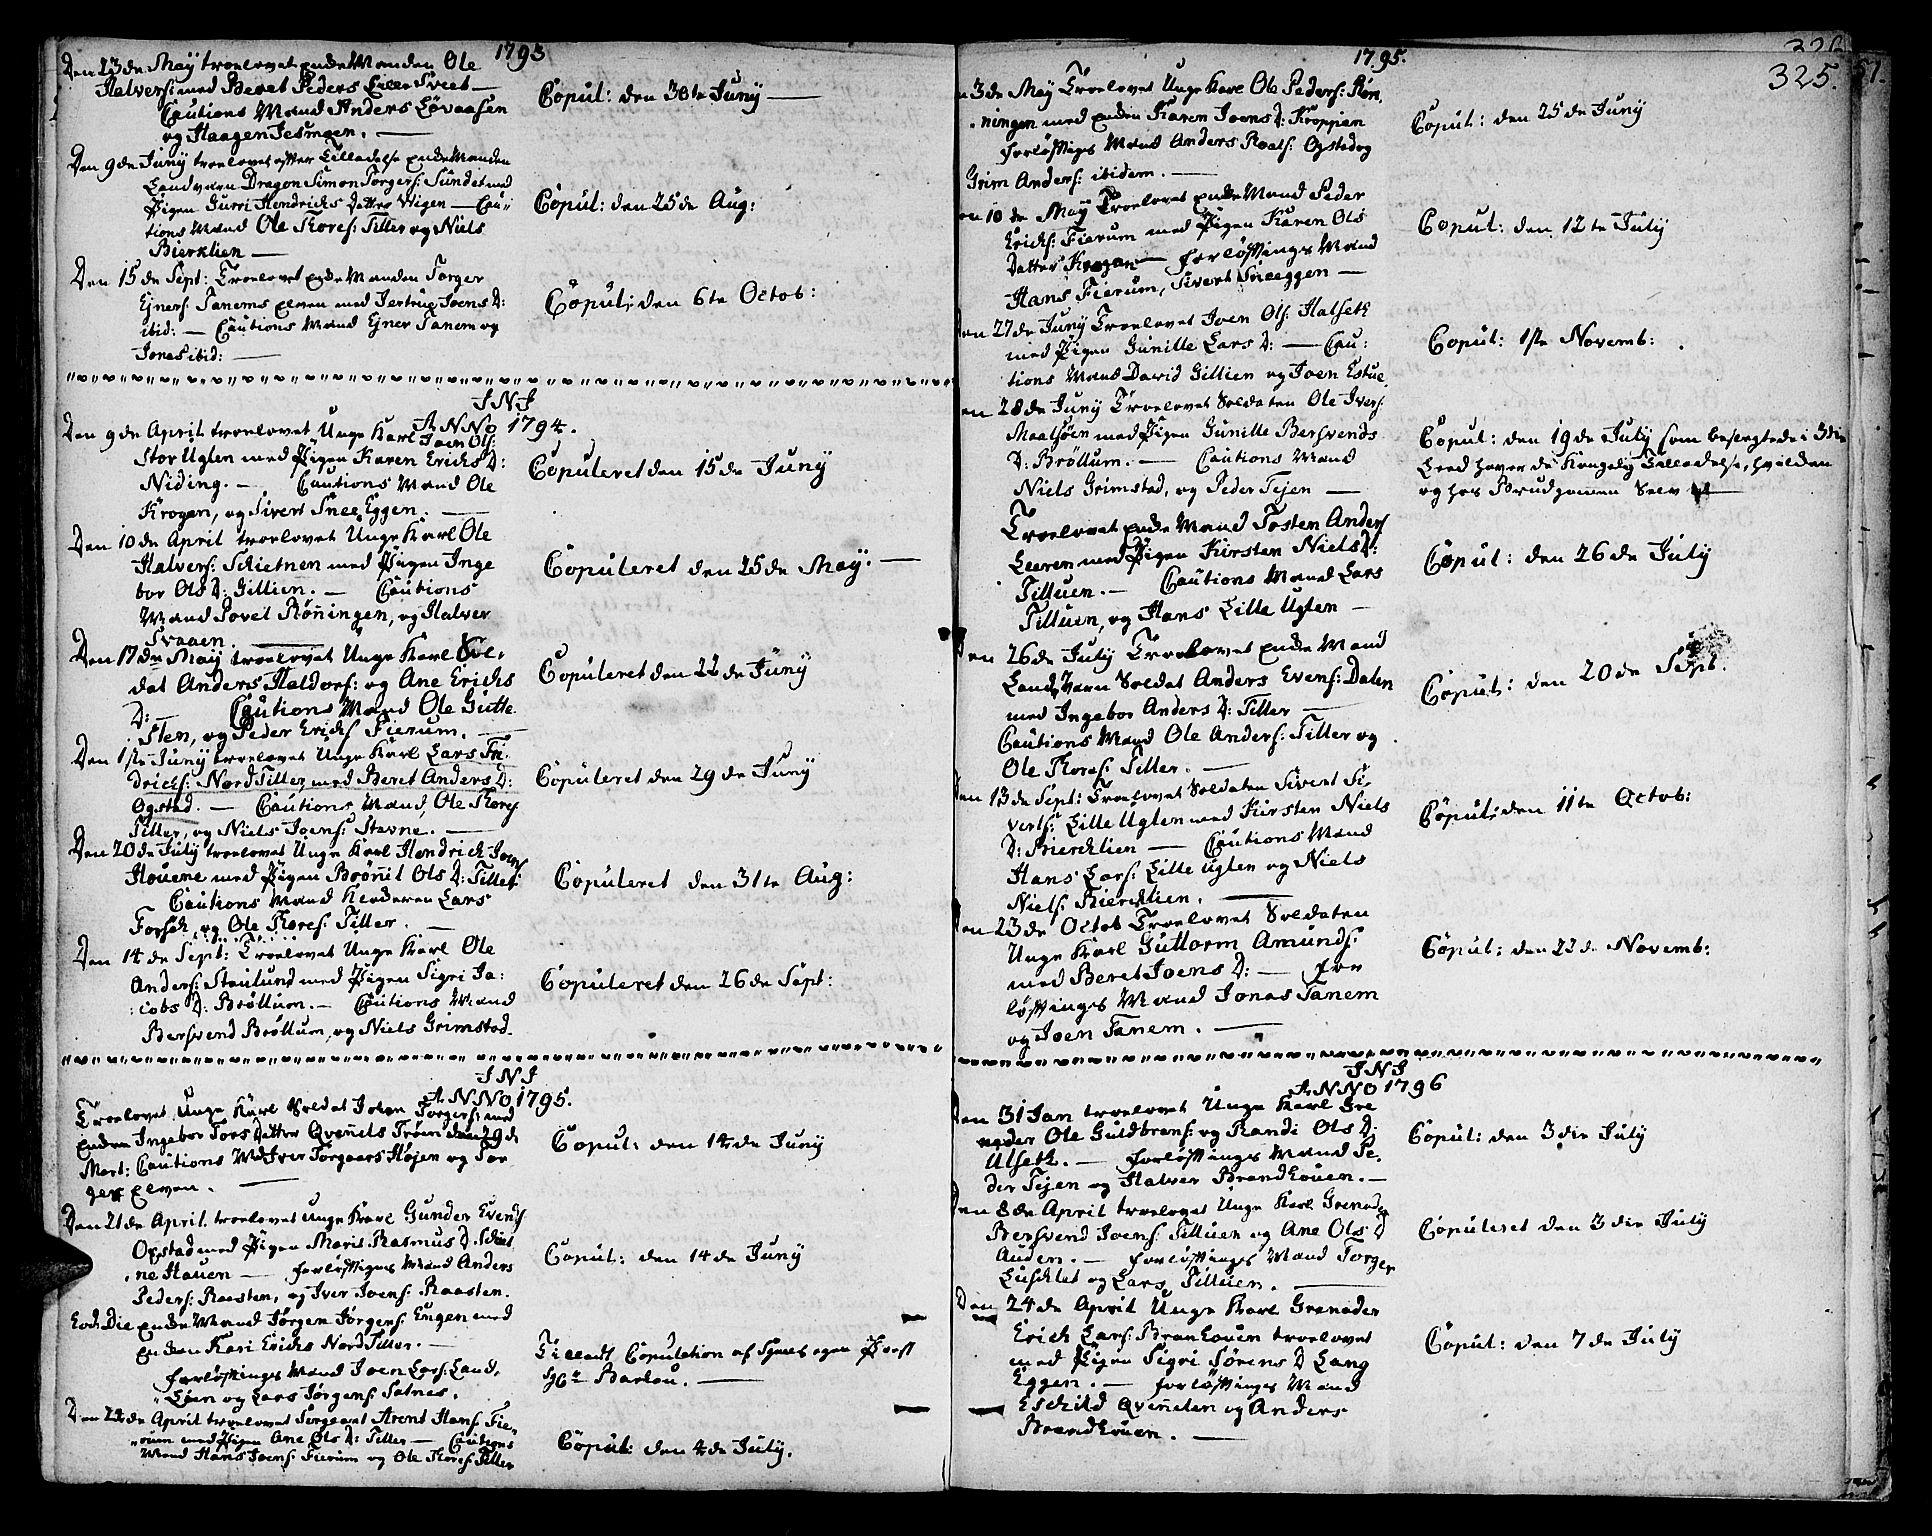 SAT, Ministerialprotokoller, klokkerbøker og fødselsregistre - Sør-Trøndelag, 618/L0438: Ministerialbok nr. 618A03, 1783-1815, s. 325